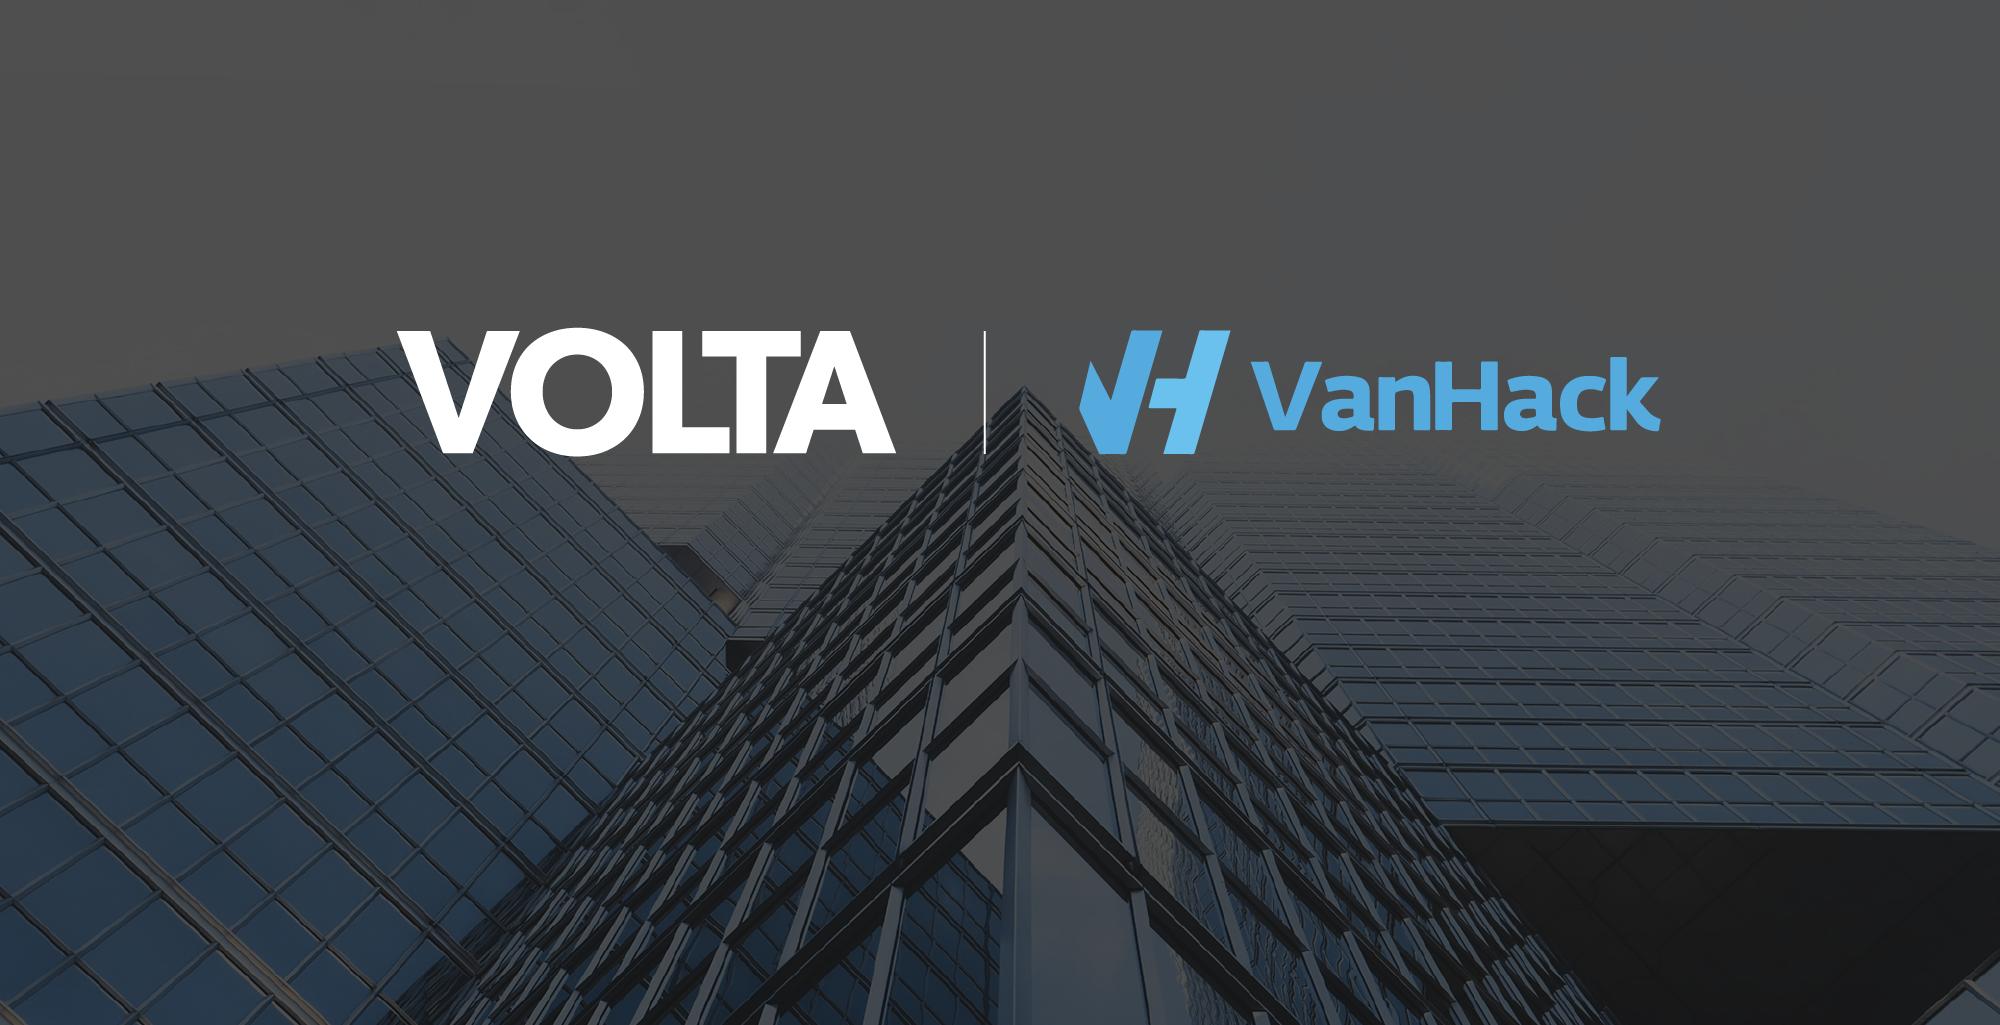 VoltaXVanHack-v2